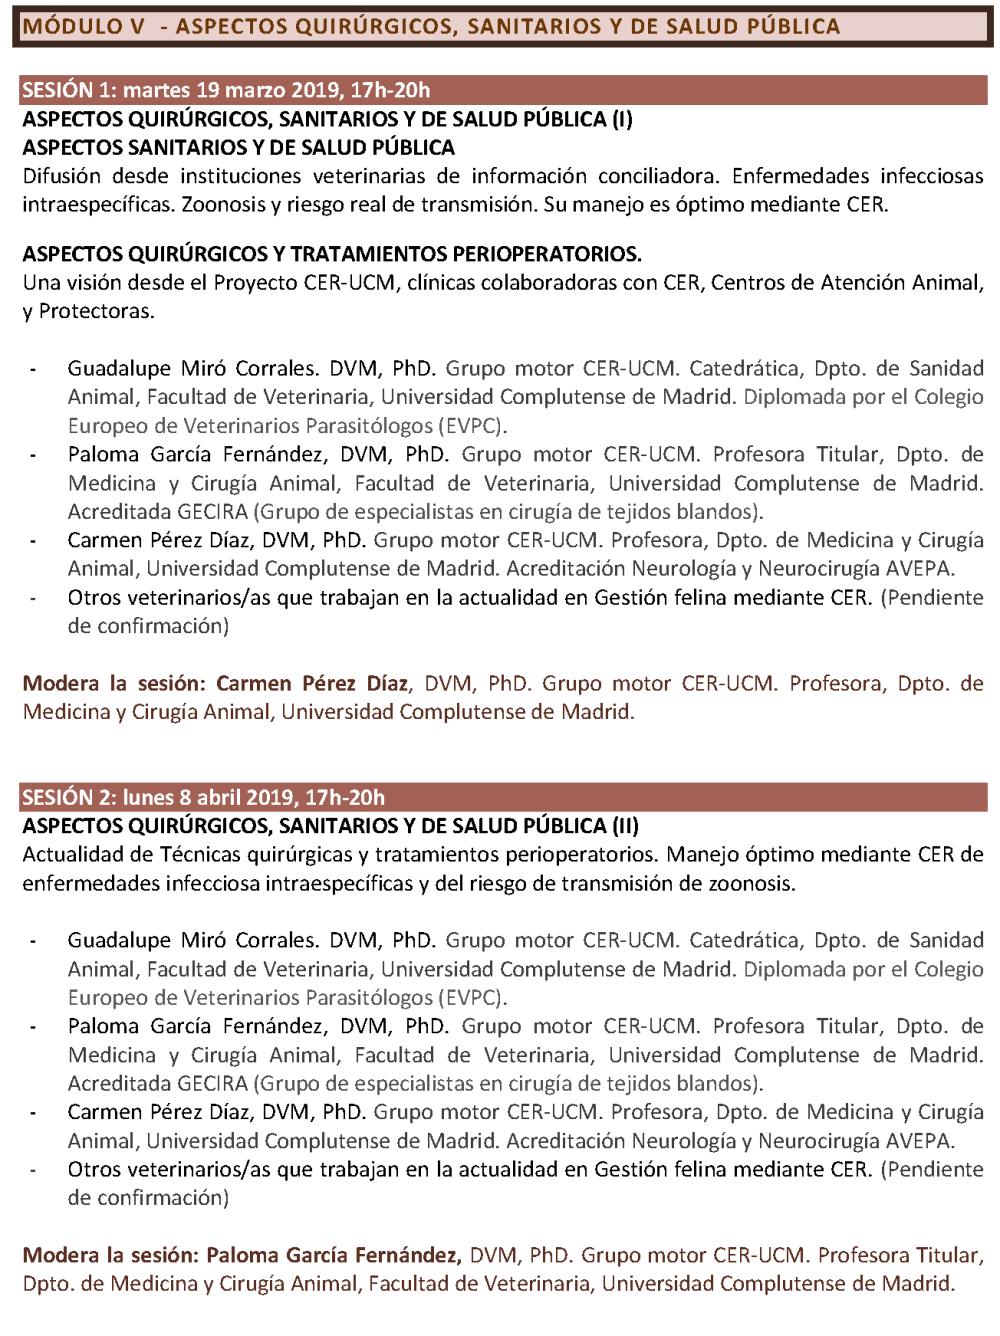 Programa. CICLO FORMATIVO. GESTIÓN ÉTICA Y SANITARIA DE COLONIAS FELINAS. CER-UCM (CURSO 2018-2019)_Página_6